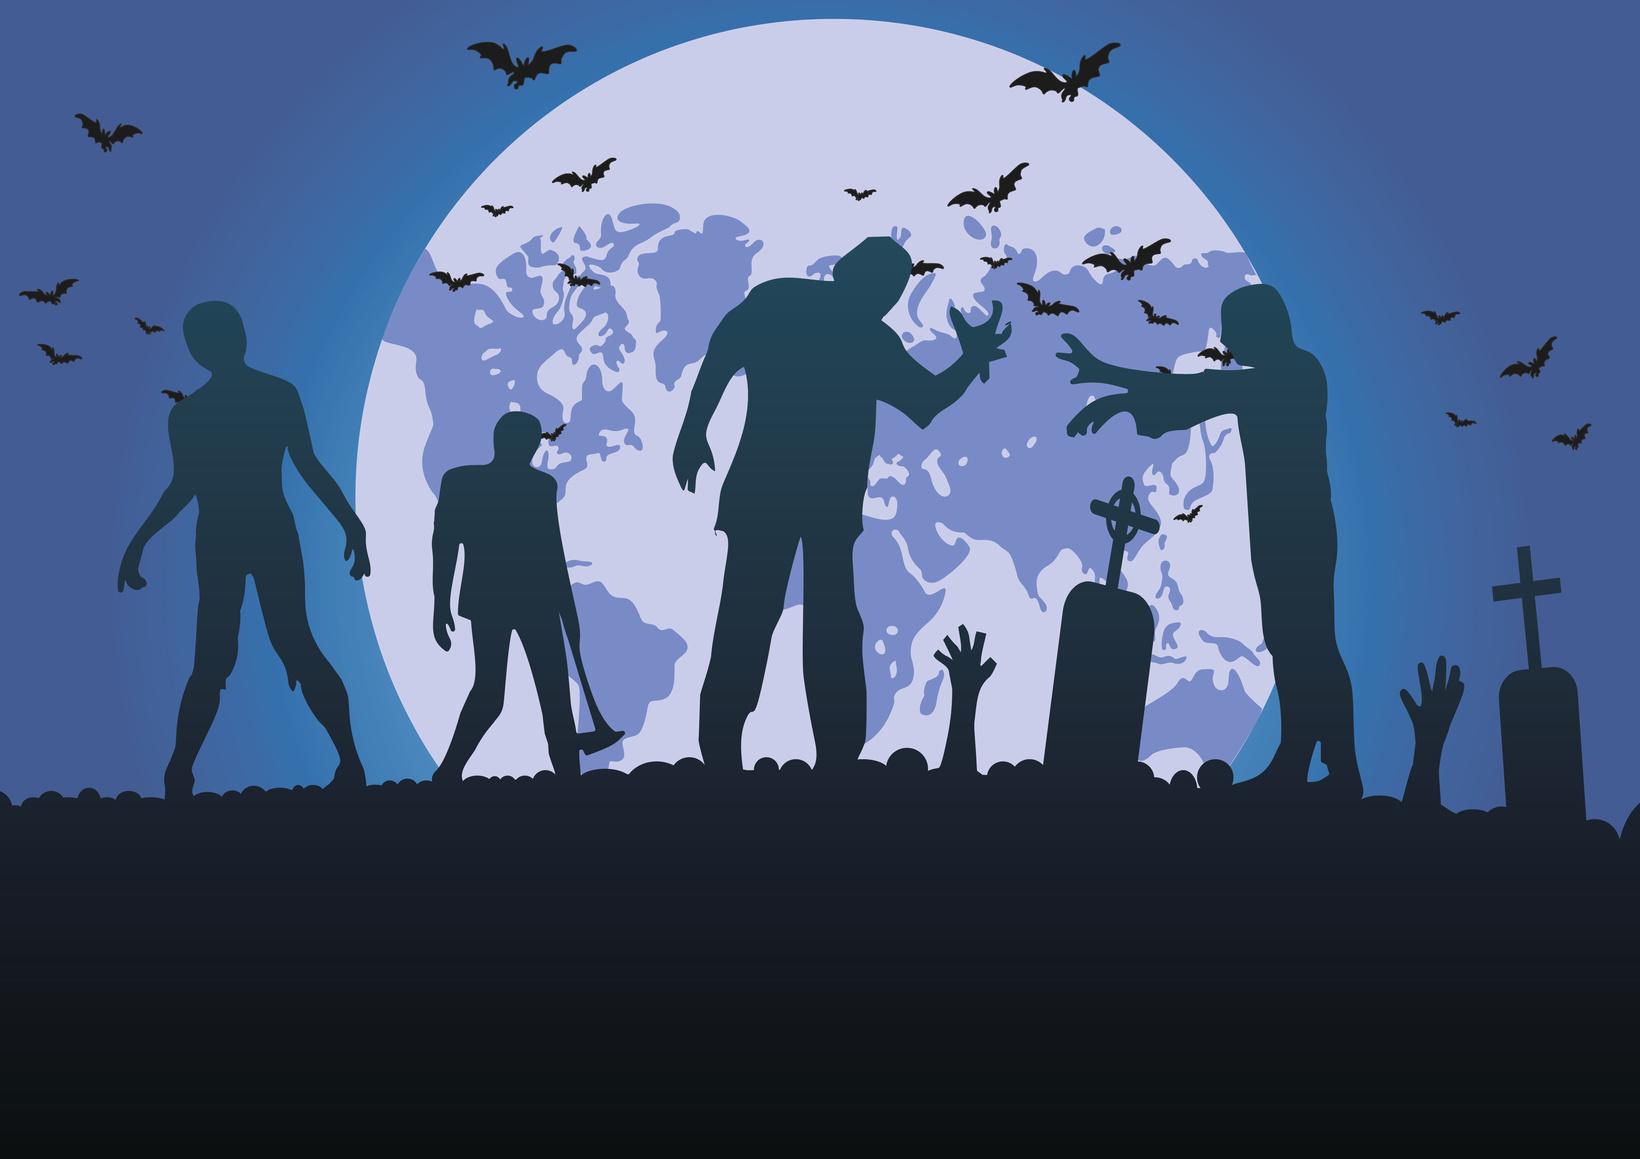 Zombie Silhouetten im Mondschein